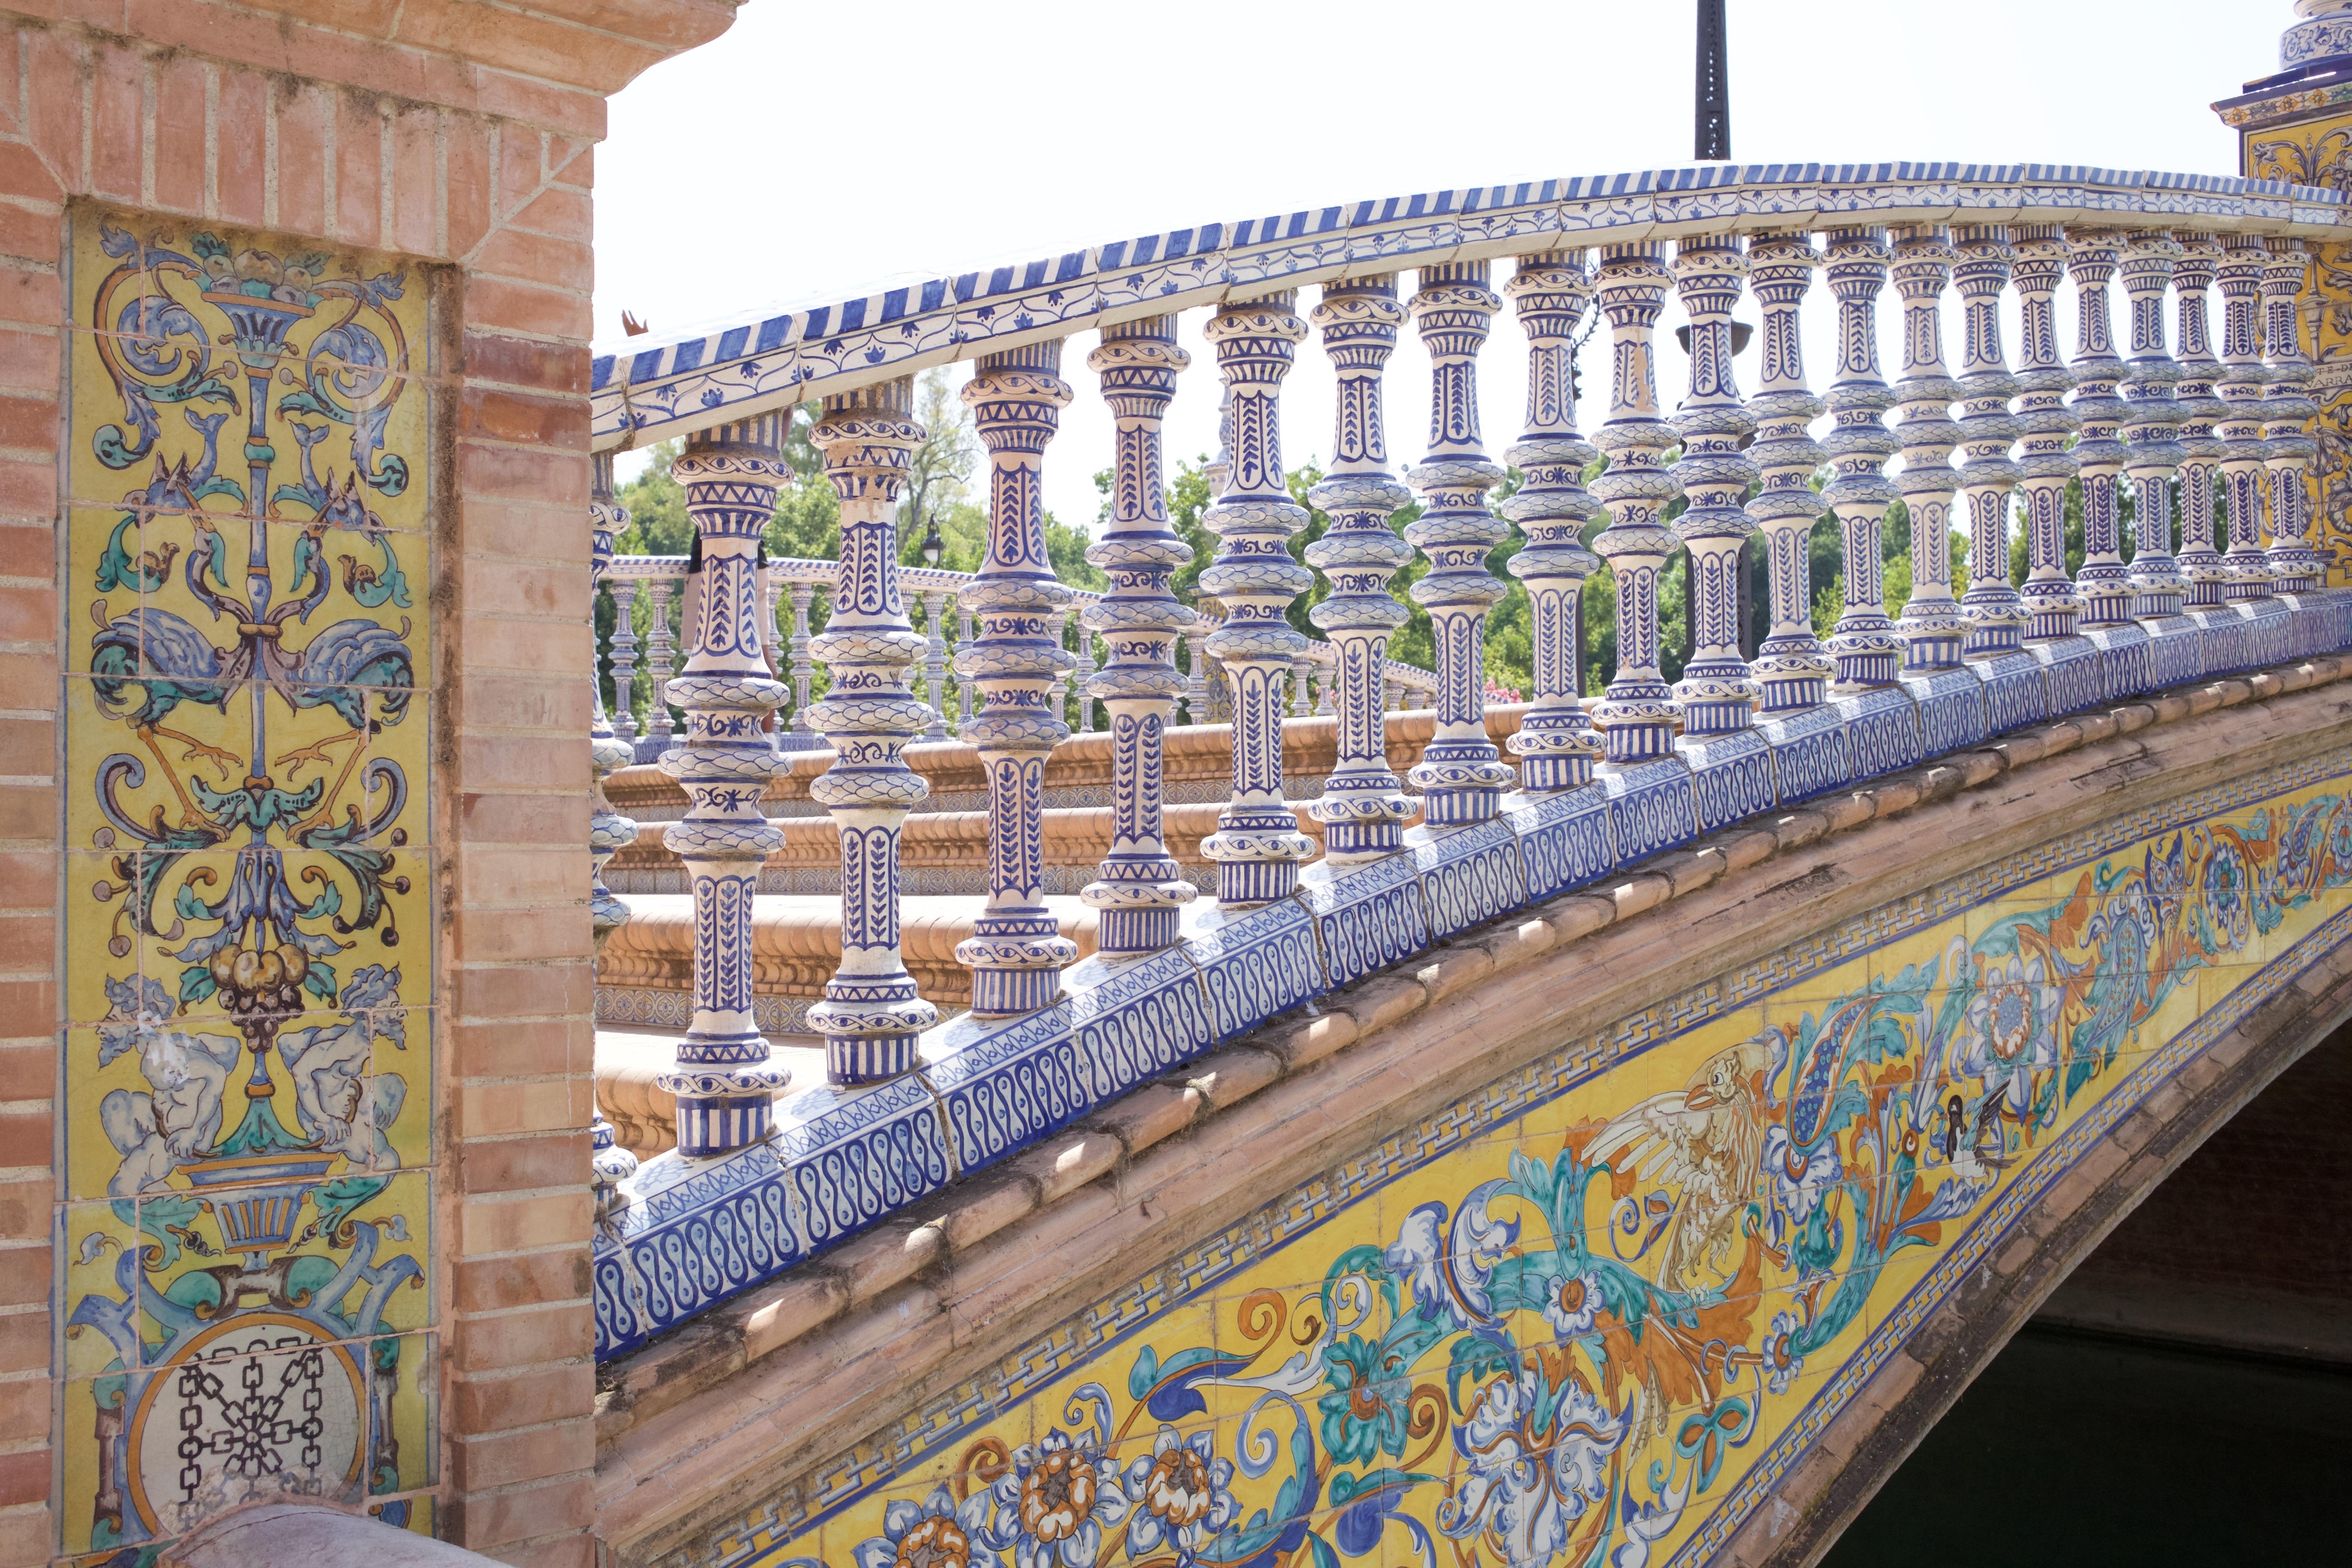 Tipps-Kurztrip-Sevilla-Handgepäck-Guide-Travel-Reiseblog-Reisen_7940